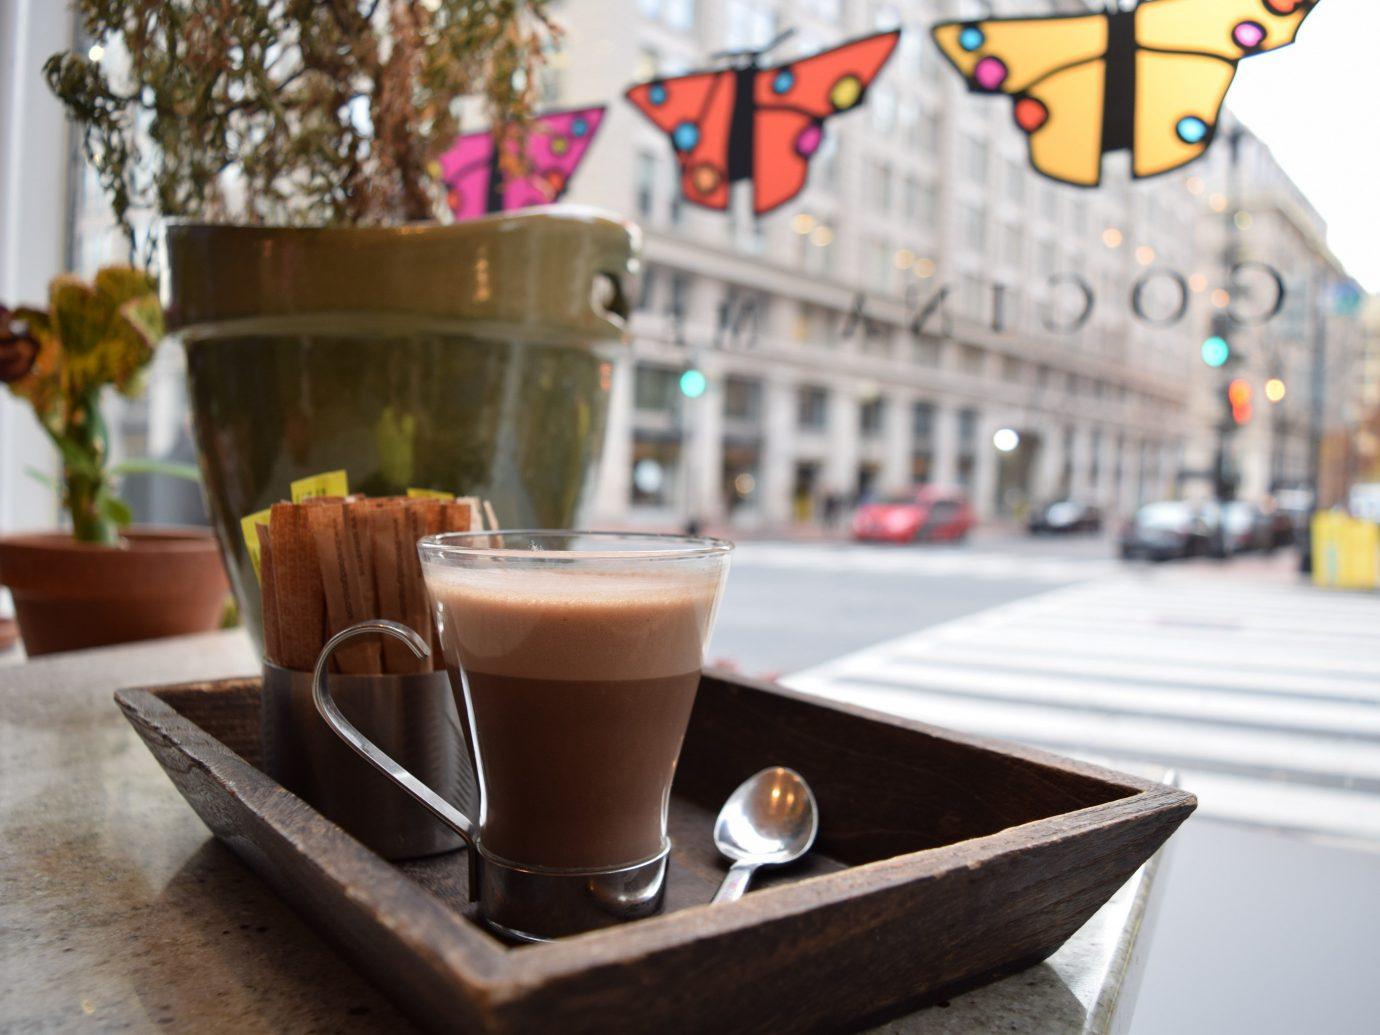 Food + Drink cup coffee restaurant Drink meal beverage